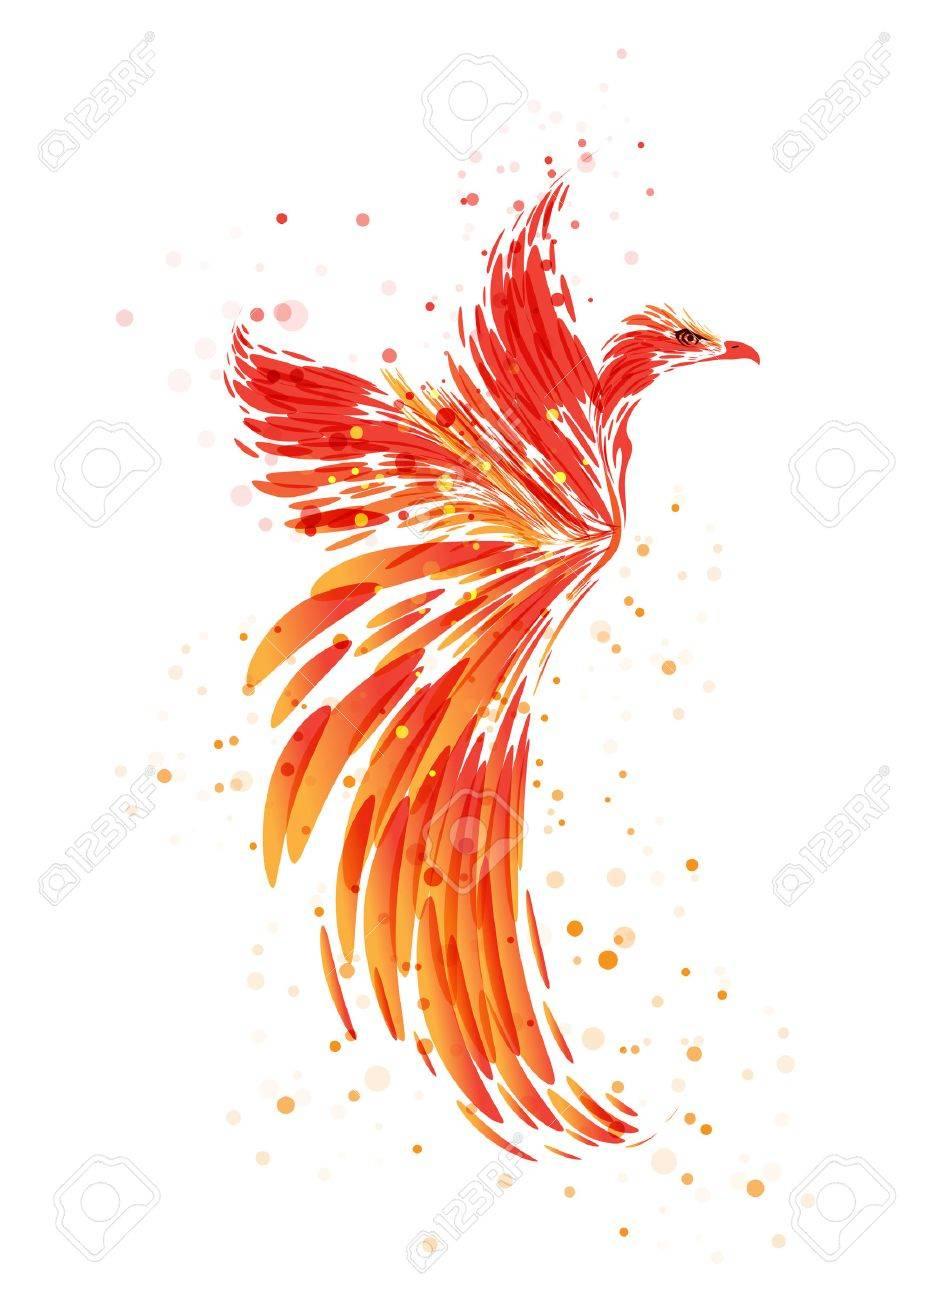 Flaming Phoenix on white background, burning mythical bird - 63816905